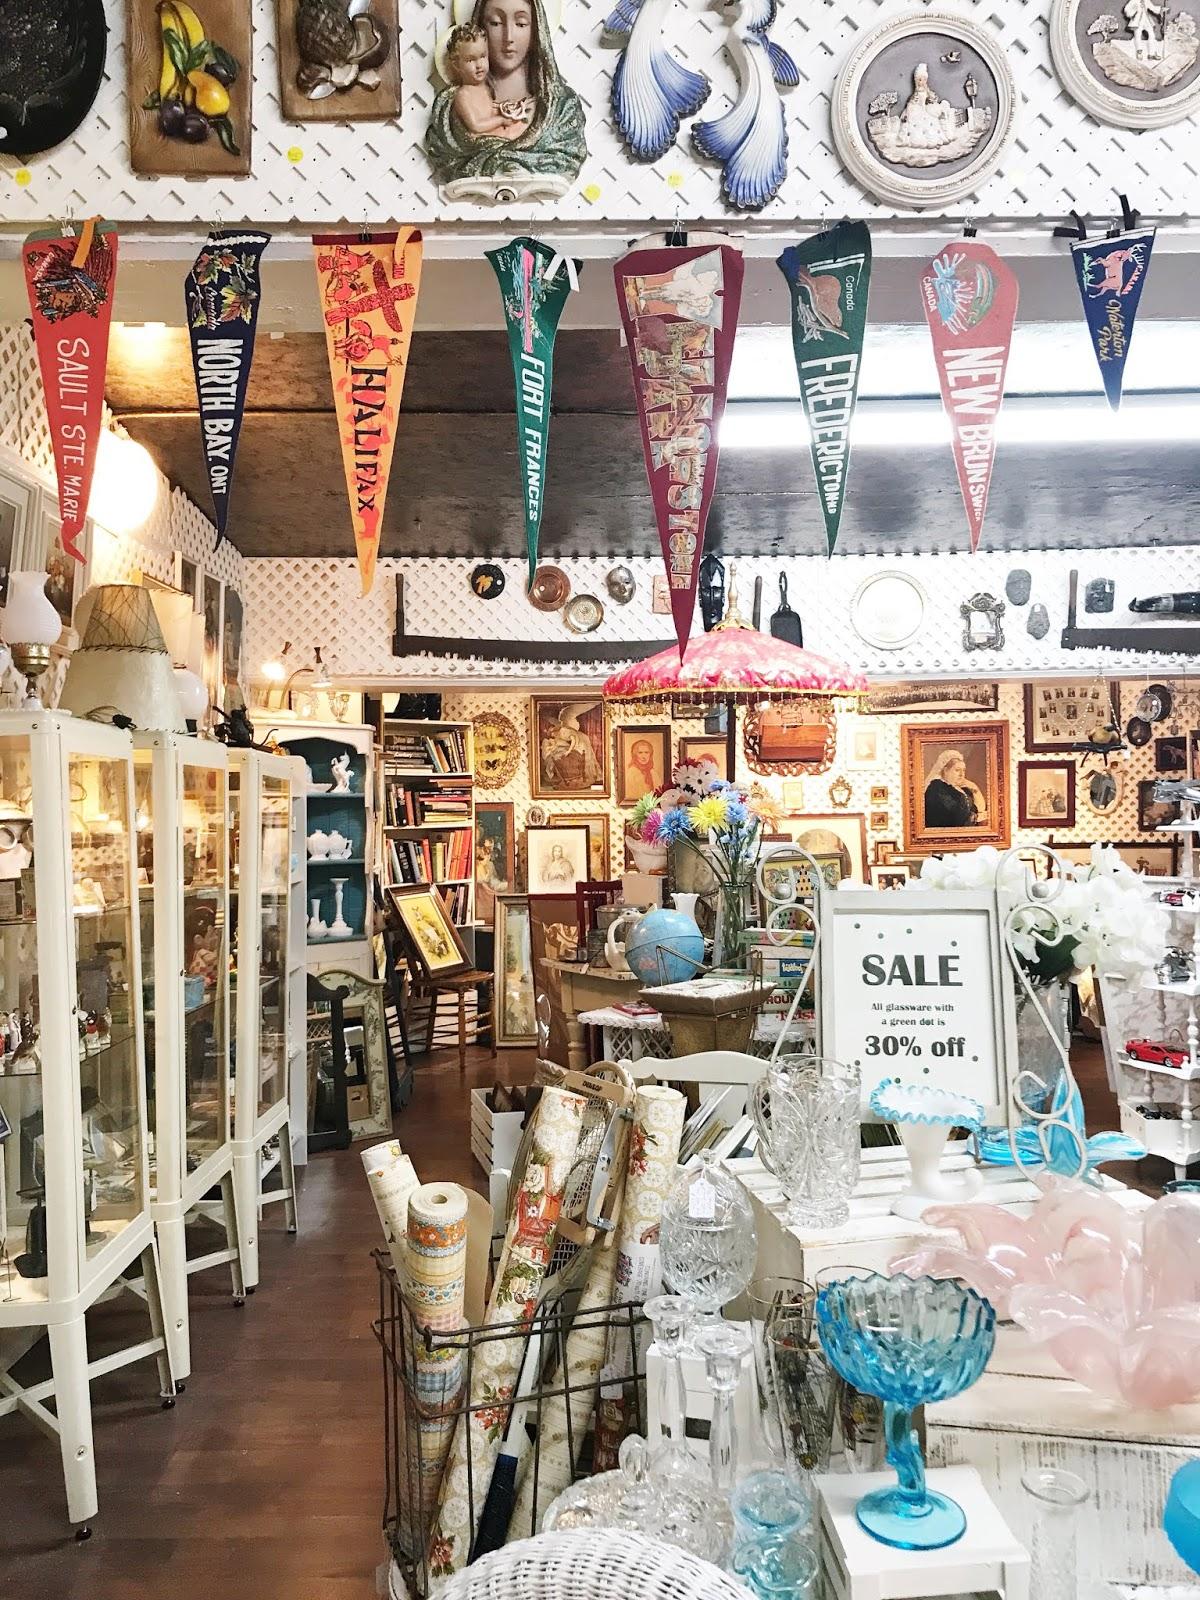 ottawa thrift store, ottawa shopping, ottawa travel